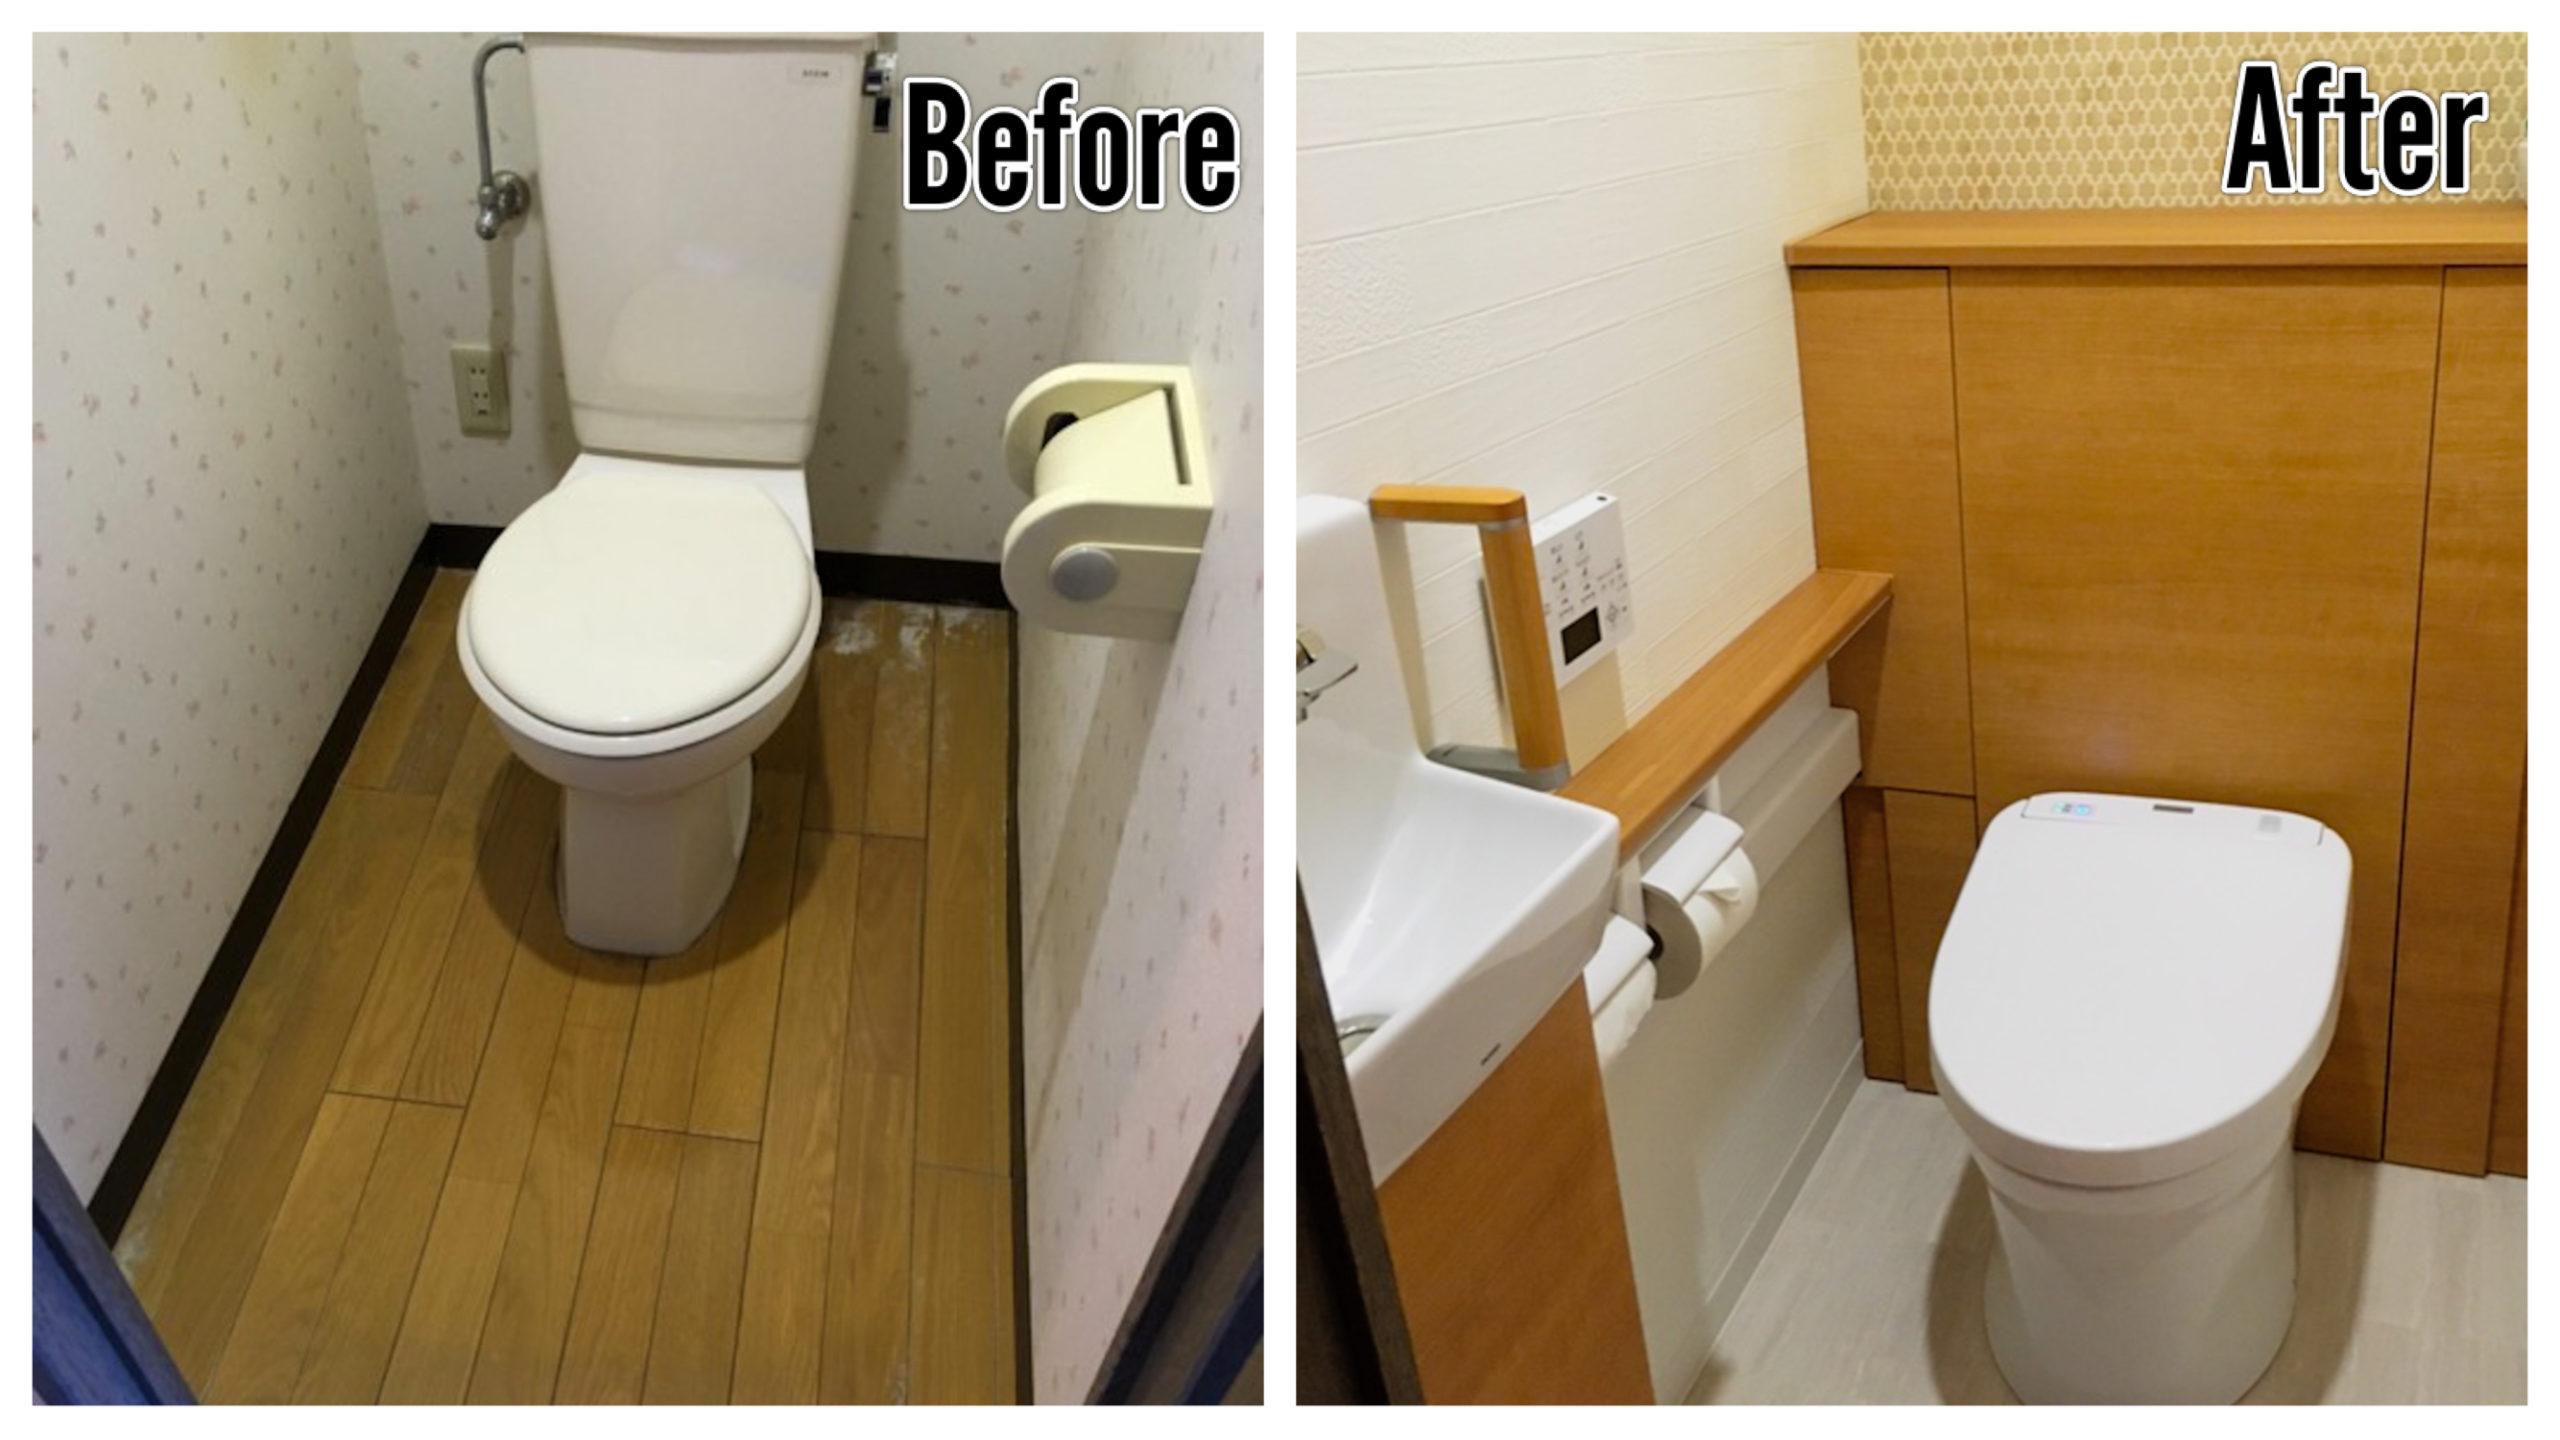 今ある給排水配管を使った別置き手洗い器が設置できるシステムトイレ(before/after)